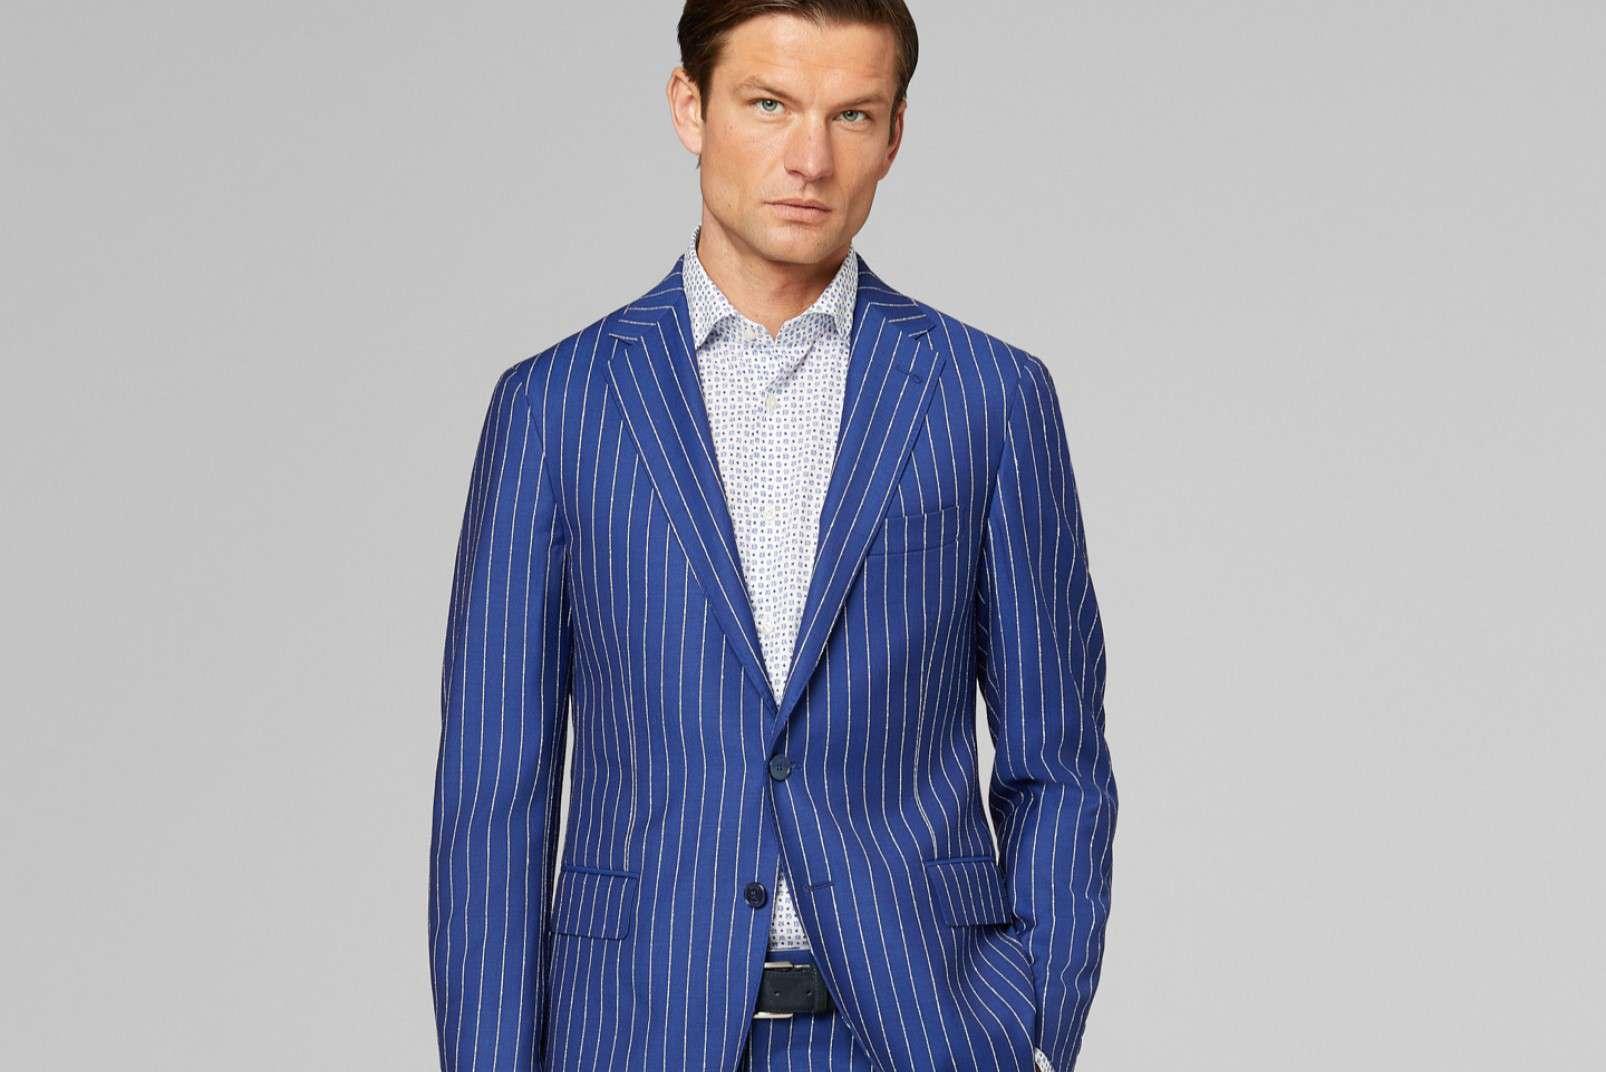 Floral print shirt BO19P036501 under Royal Blue 2-piece pinstripe suit